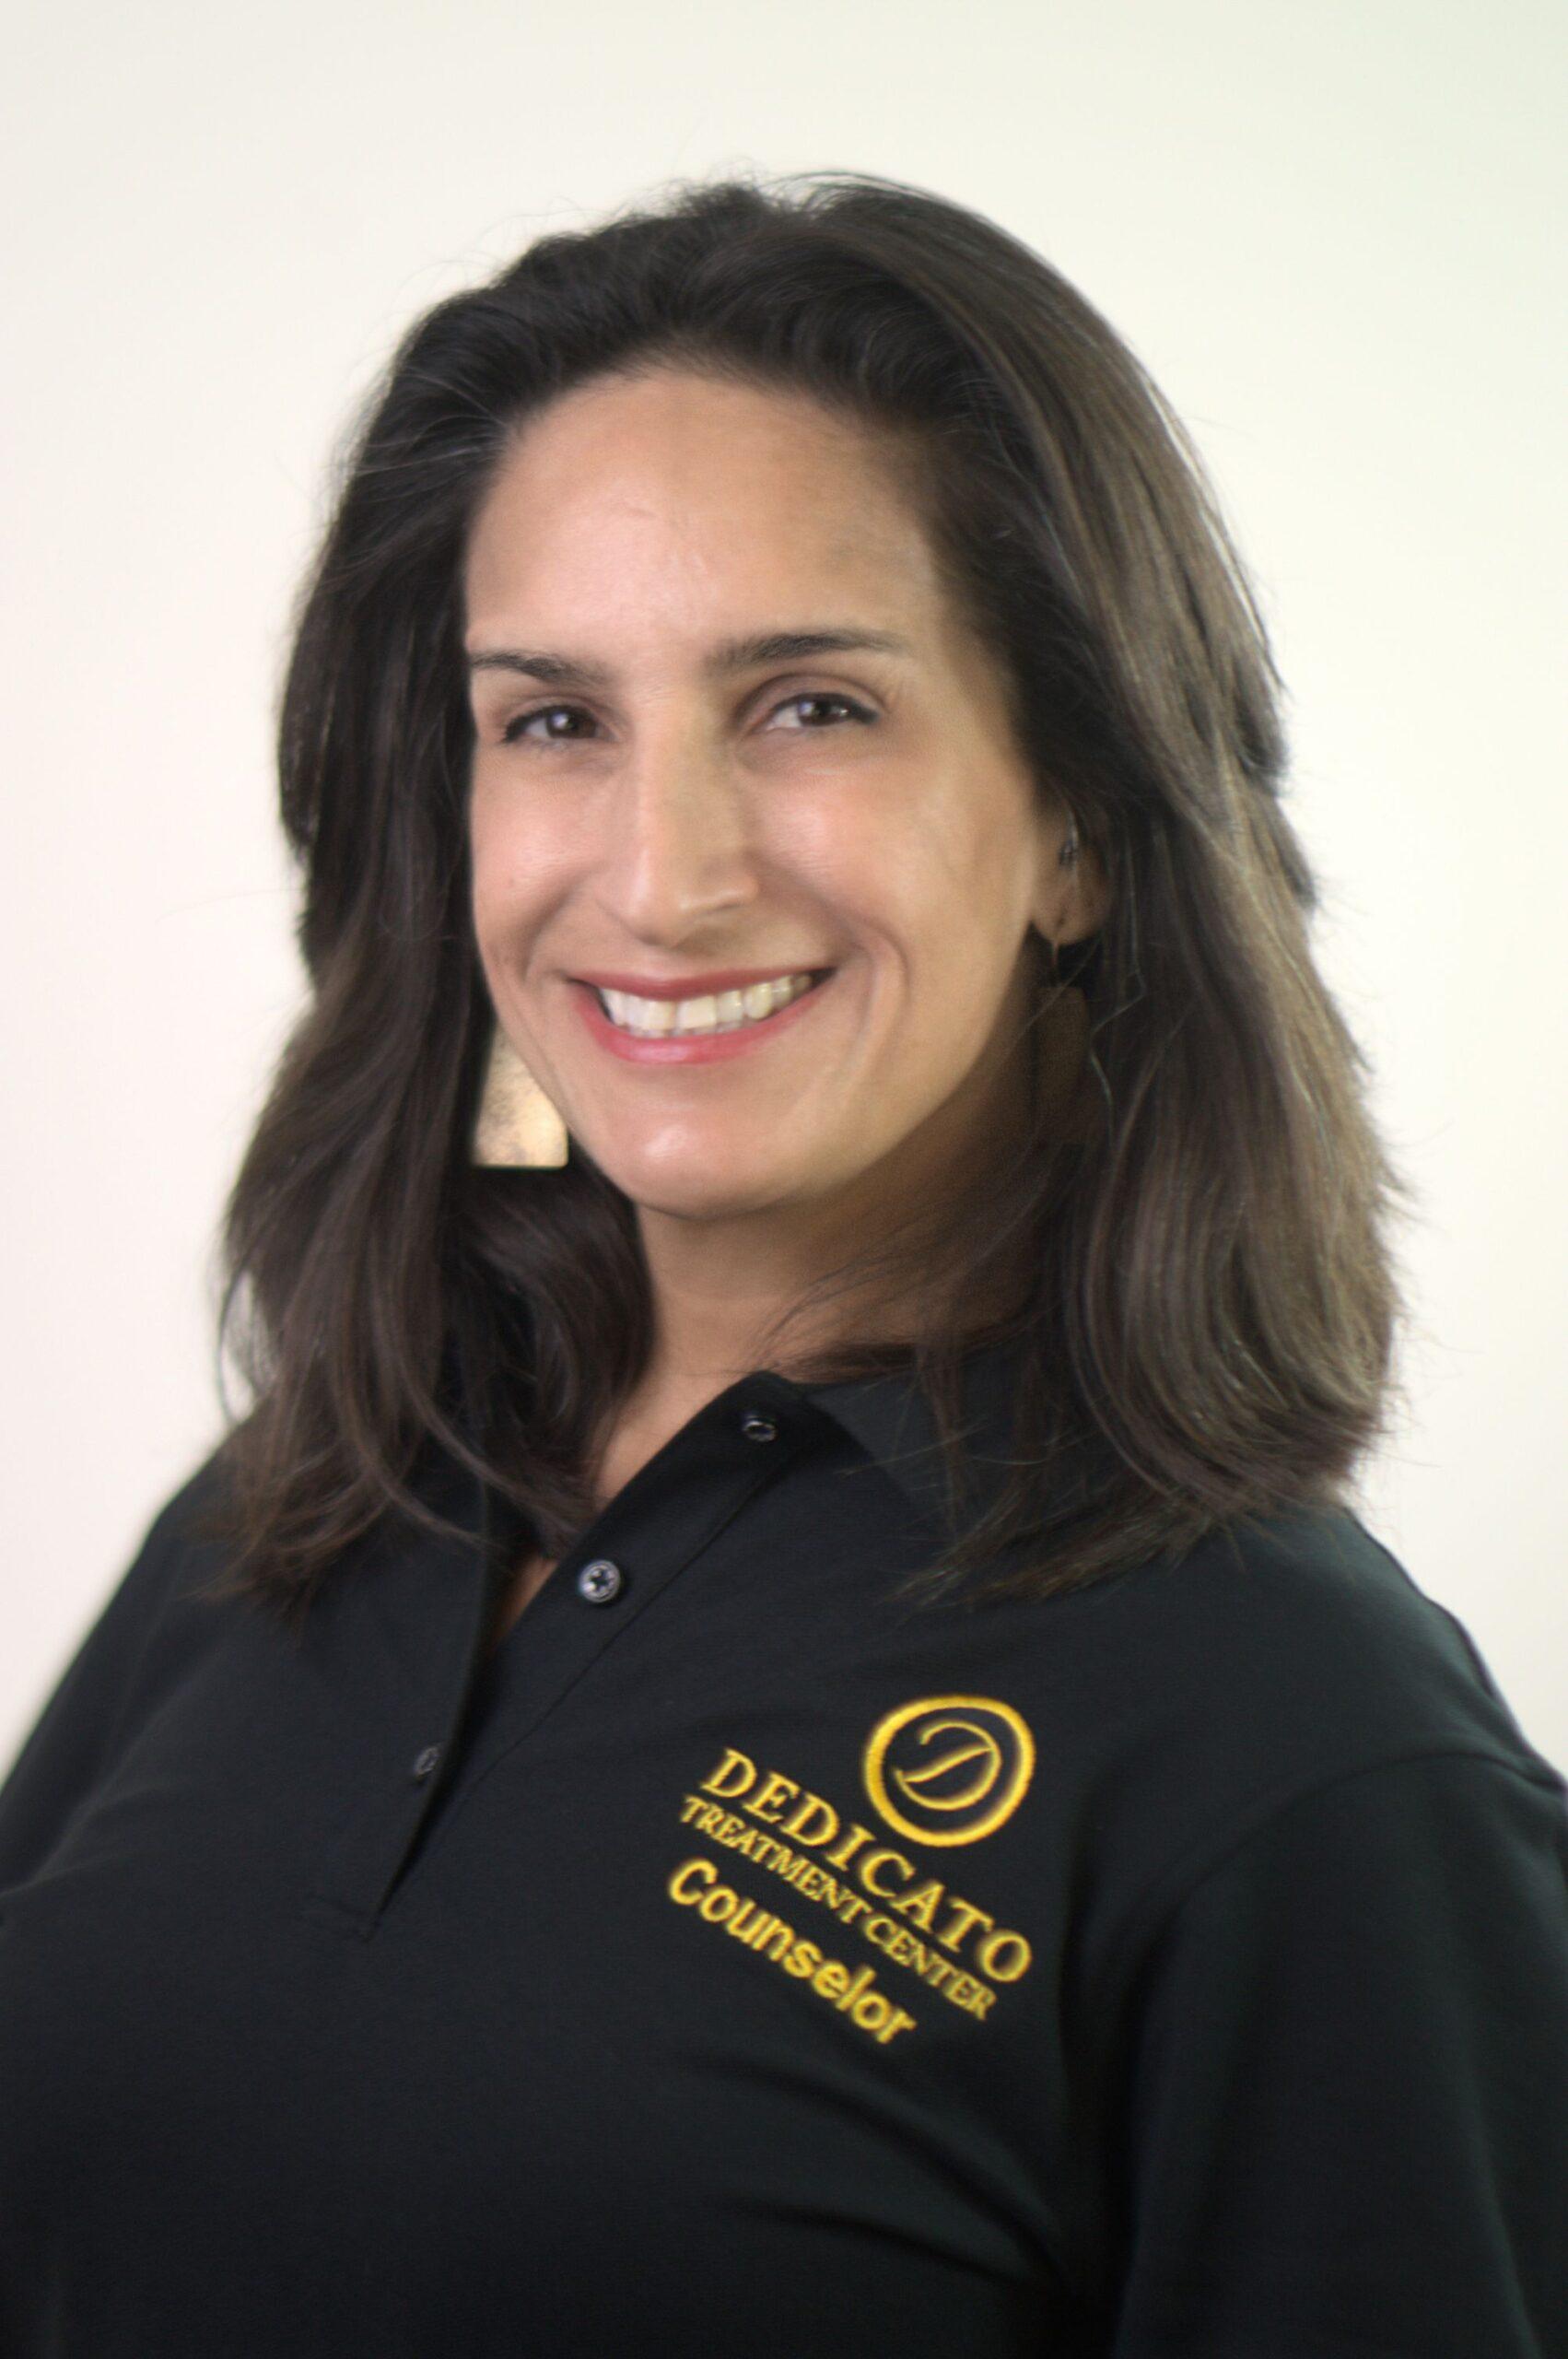 Sheila Marshall, CADC-CAS, AFPA